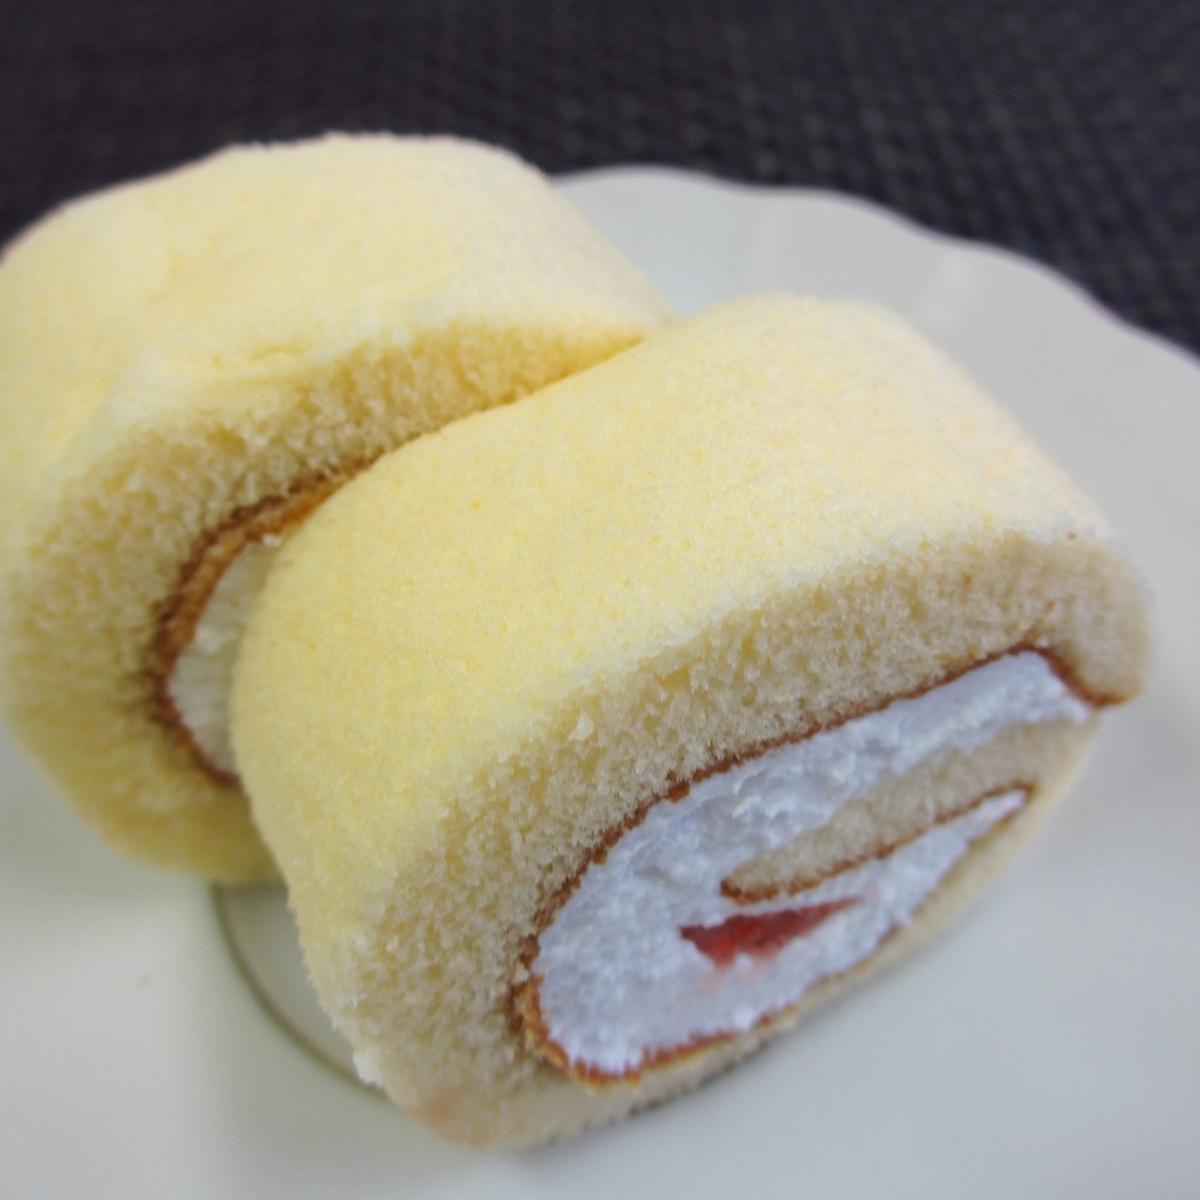 イチゴのロールケーキ20150627 (6)